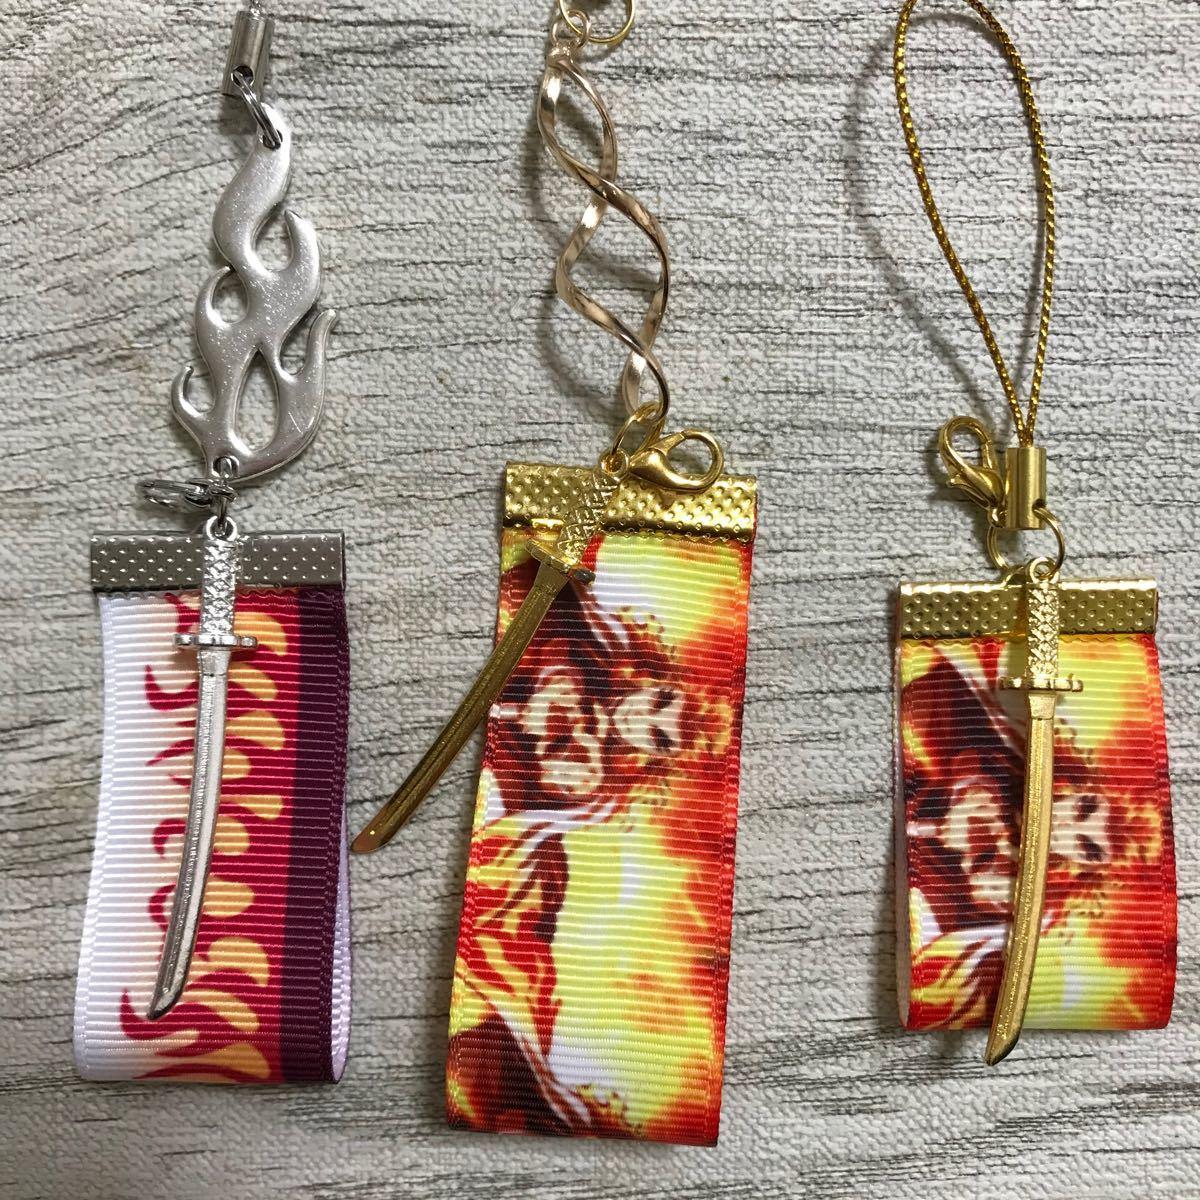 キーホルダー 3個セット 鬼滅の刃 グログランリボン れんごく 炎 日輪刀 煉獄杏寿郎